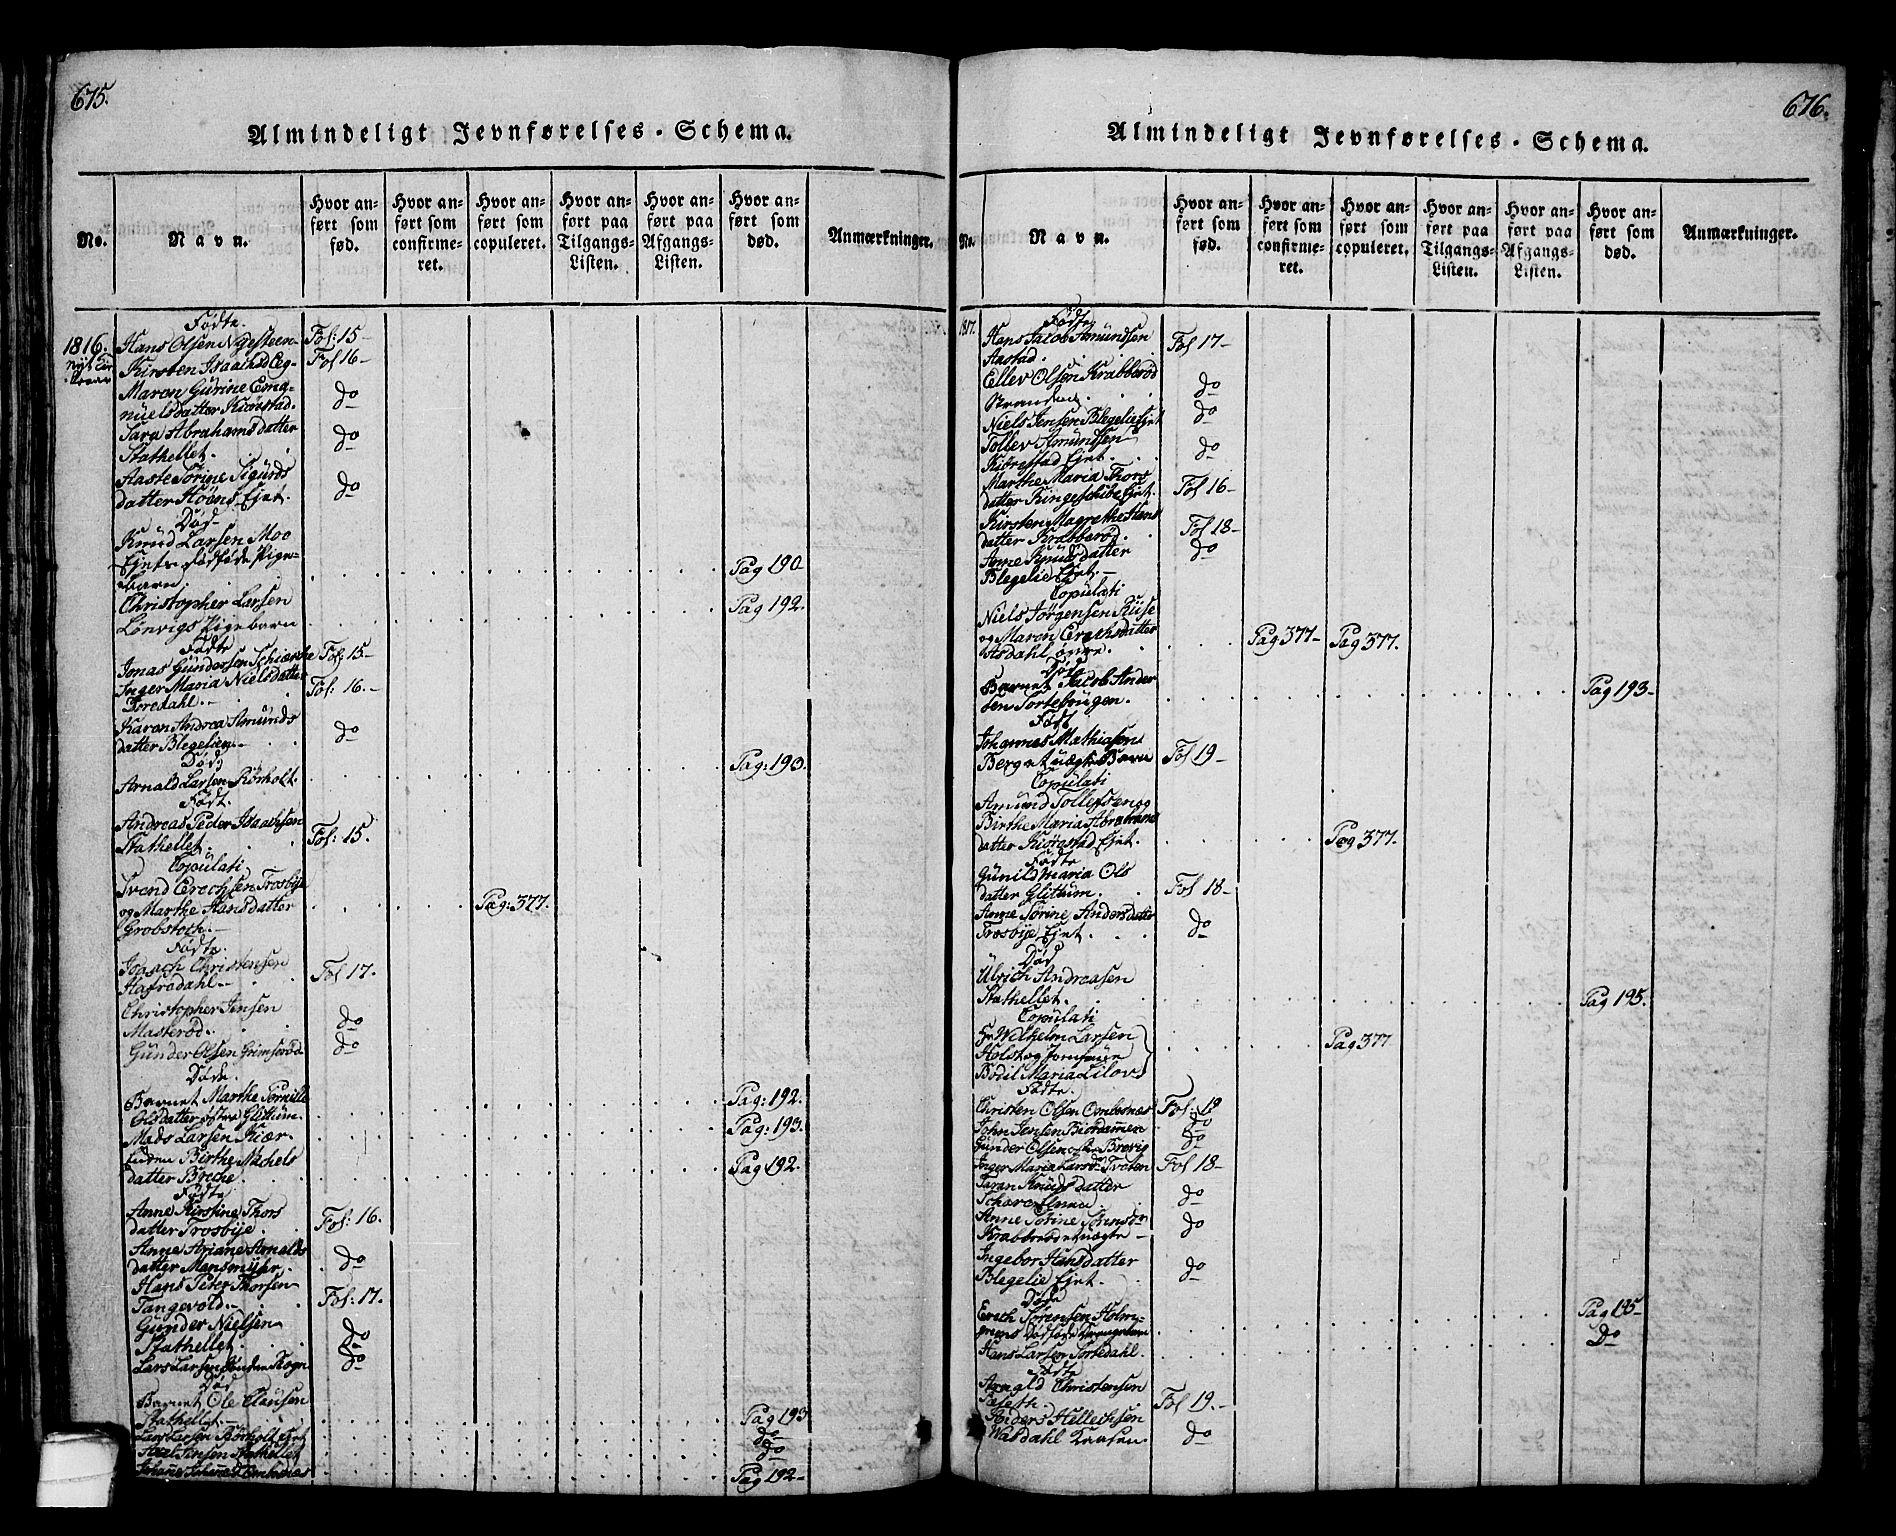 SAKO, Bamble kirkebøker, G/Ga/L0005: Klokkerbok nr. I 5, 1814-1855, s. 675-676